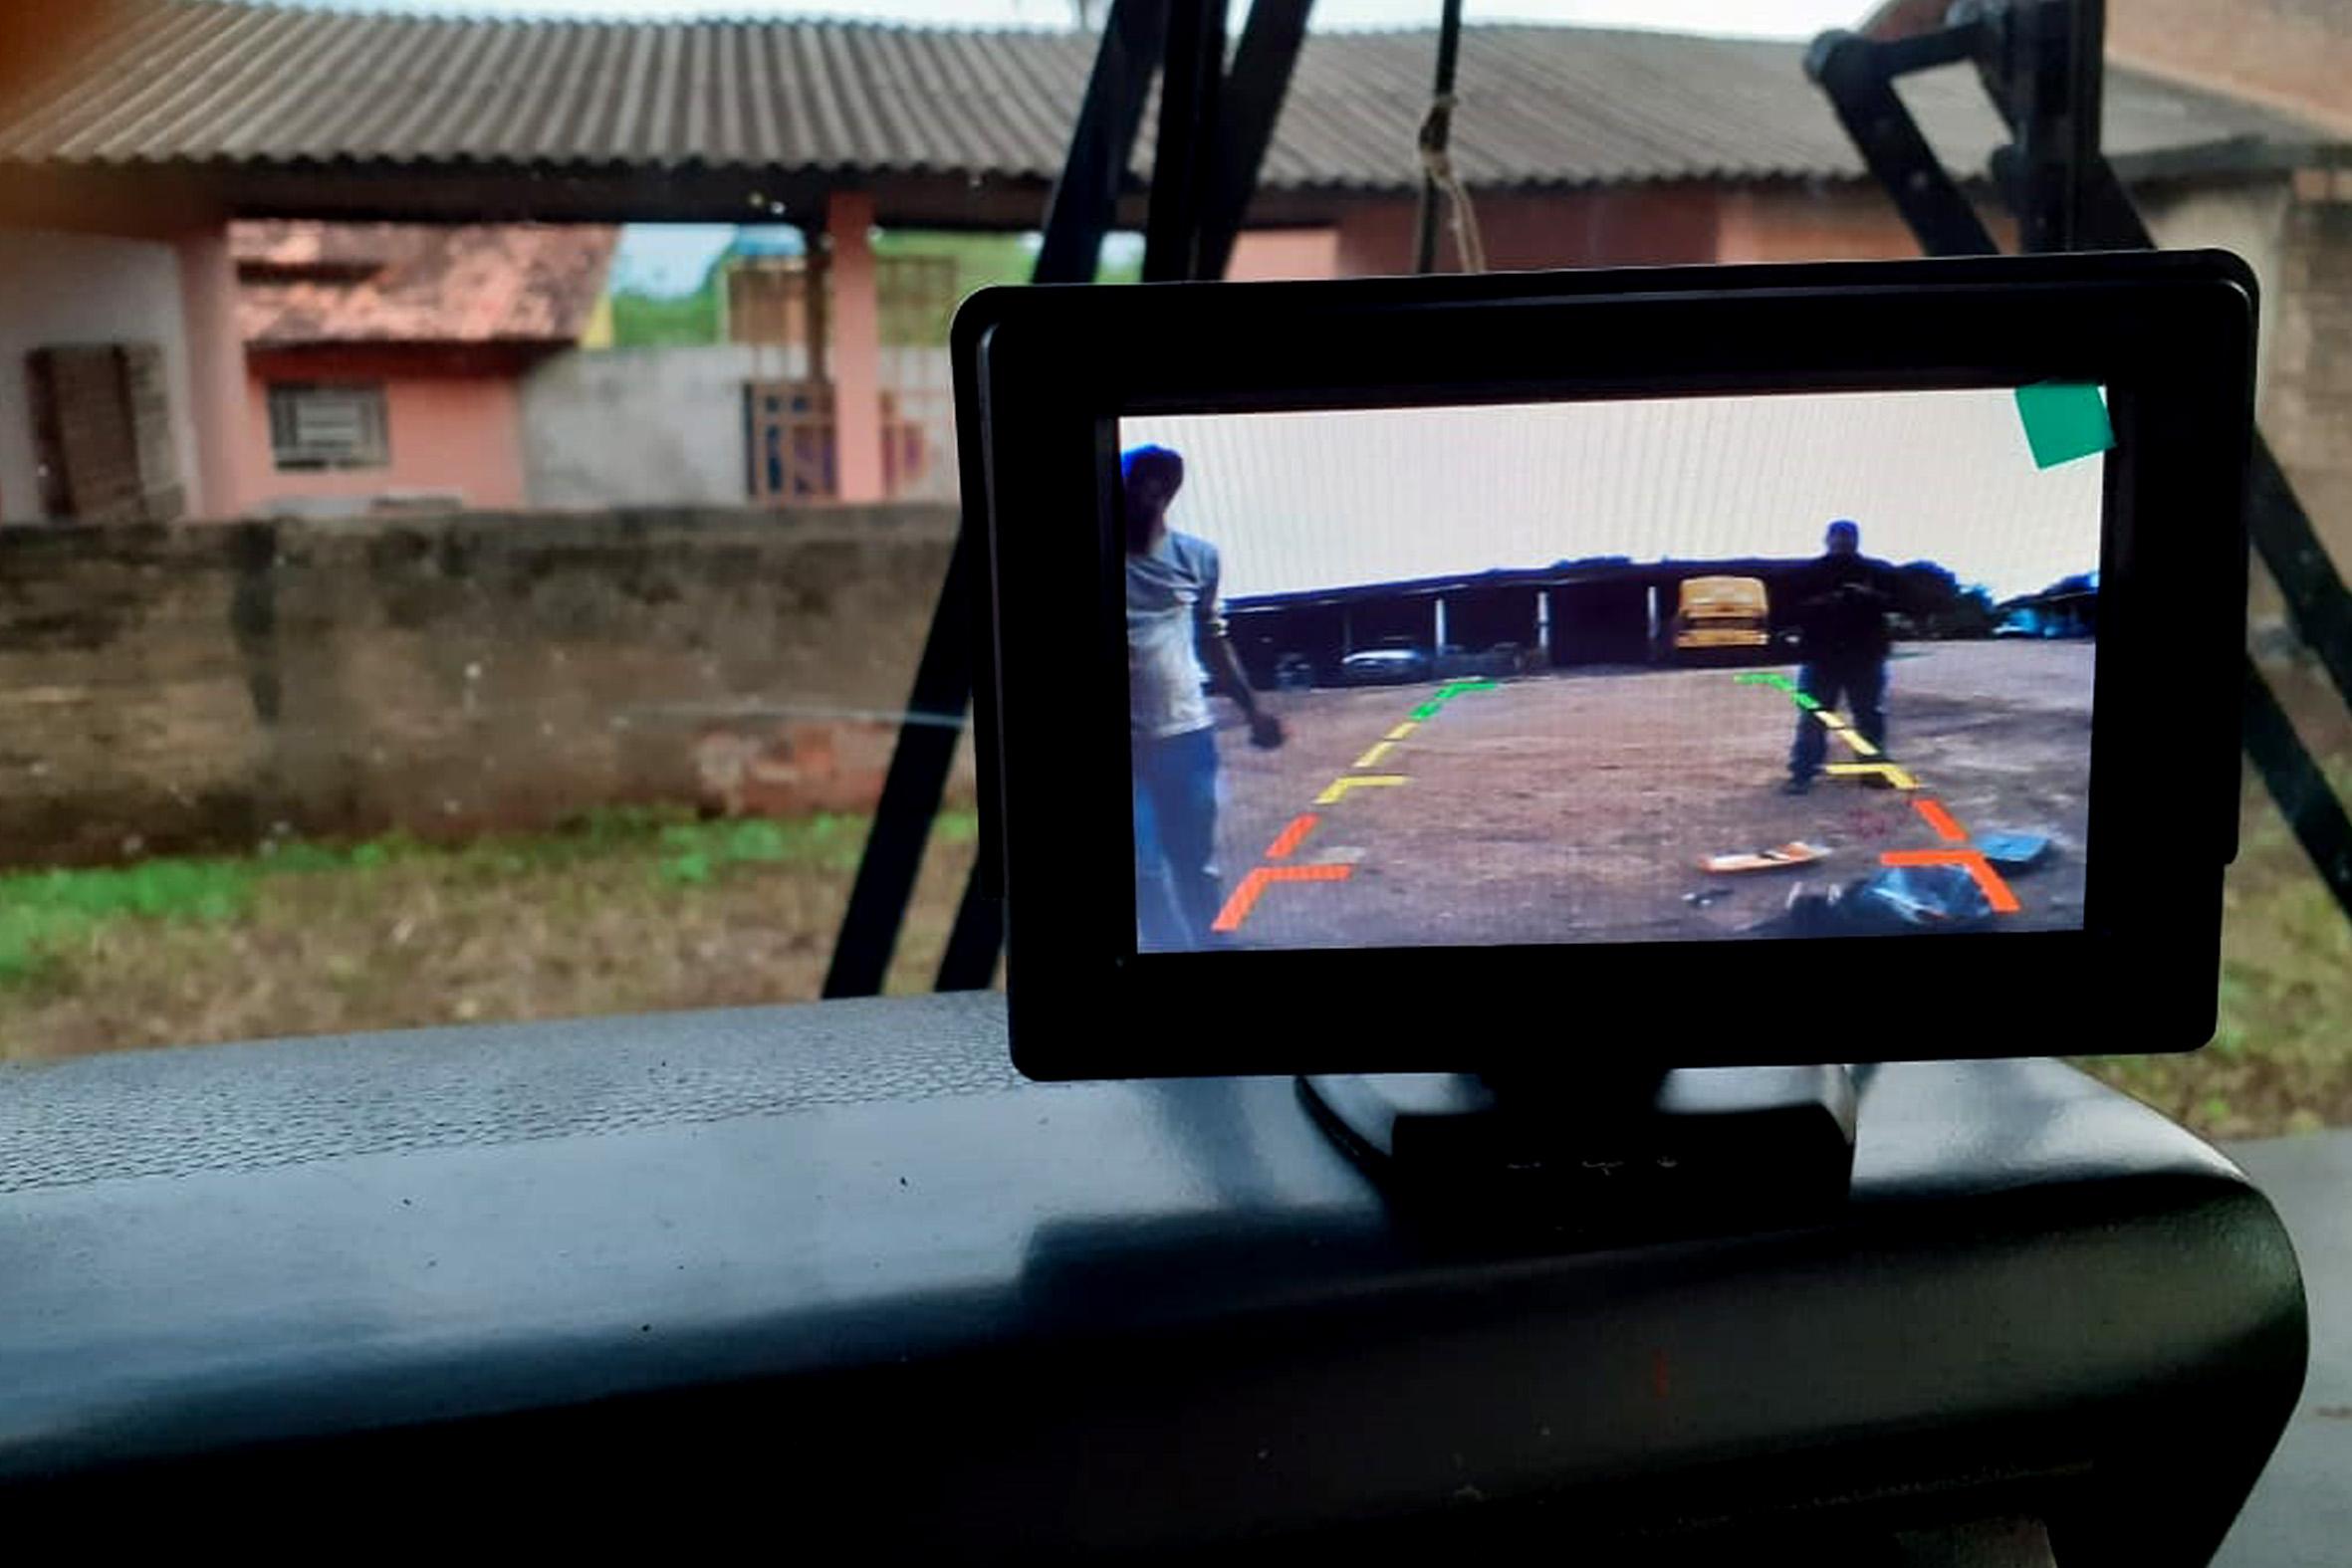 Veículos do transporte escolar de Guaraí recebem novas câmeras de monitoramento